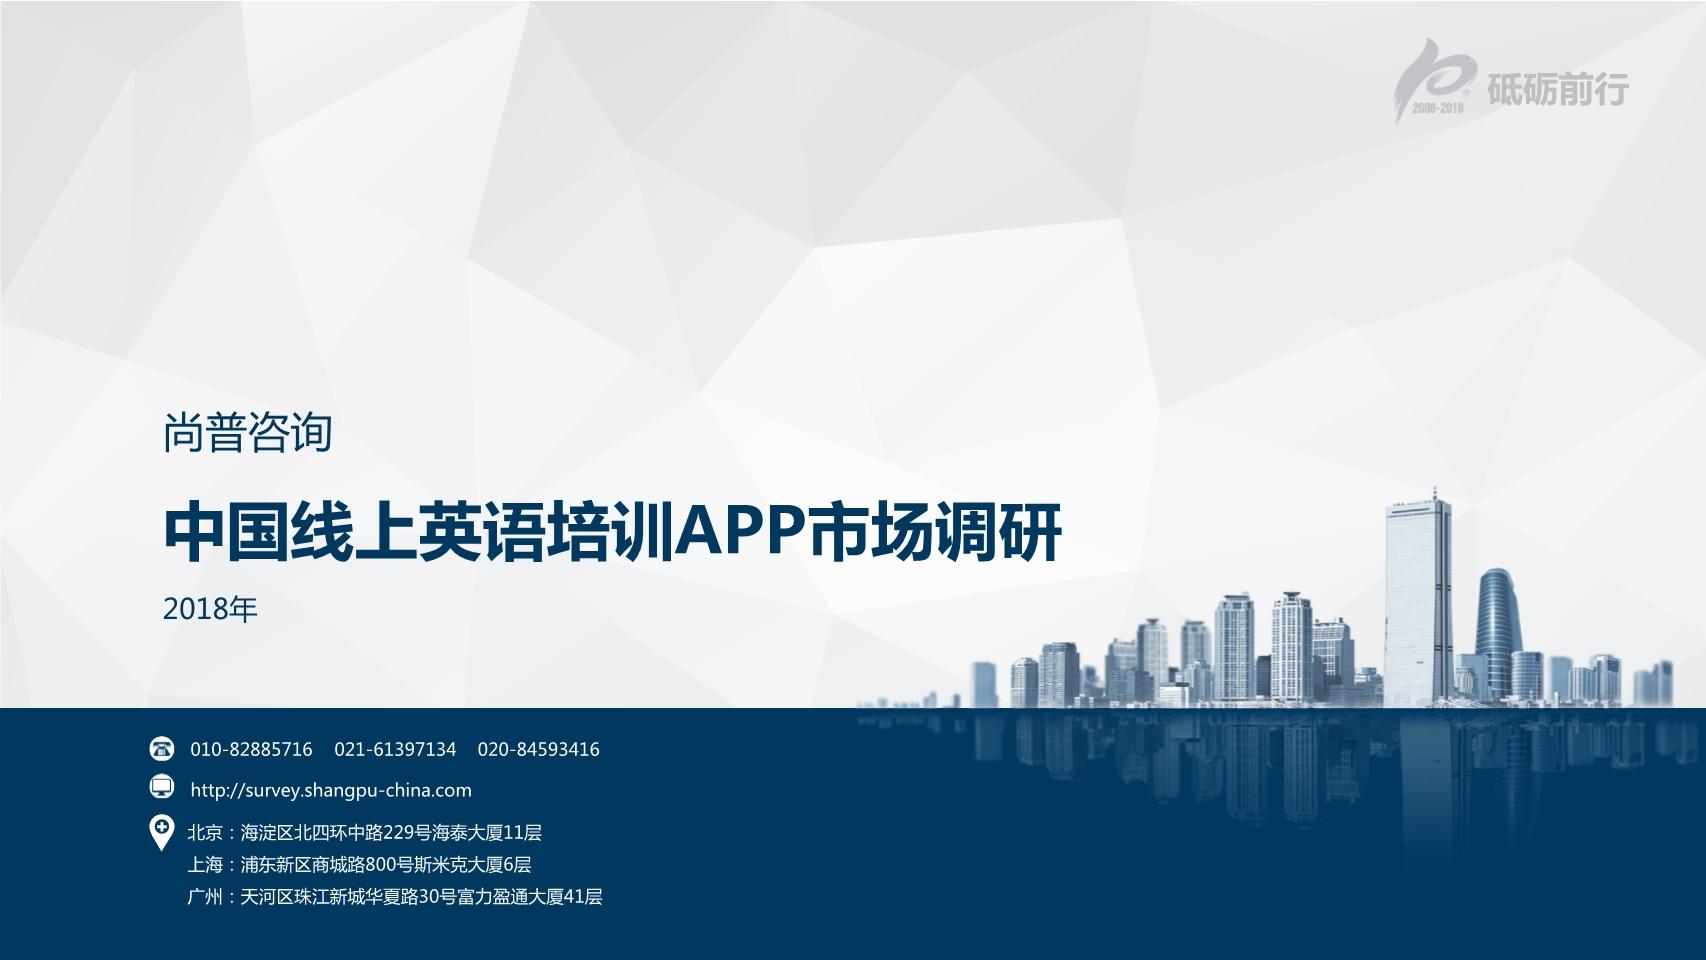 尚普咨询-中国线上英语培训APP市场调研